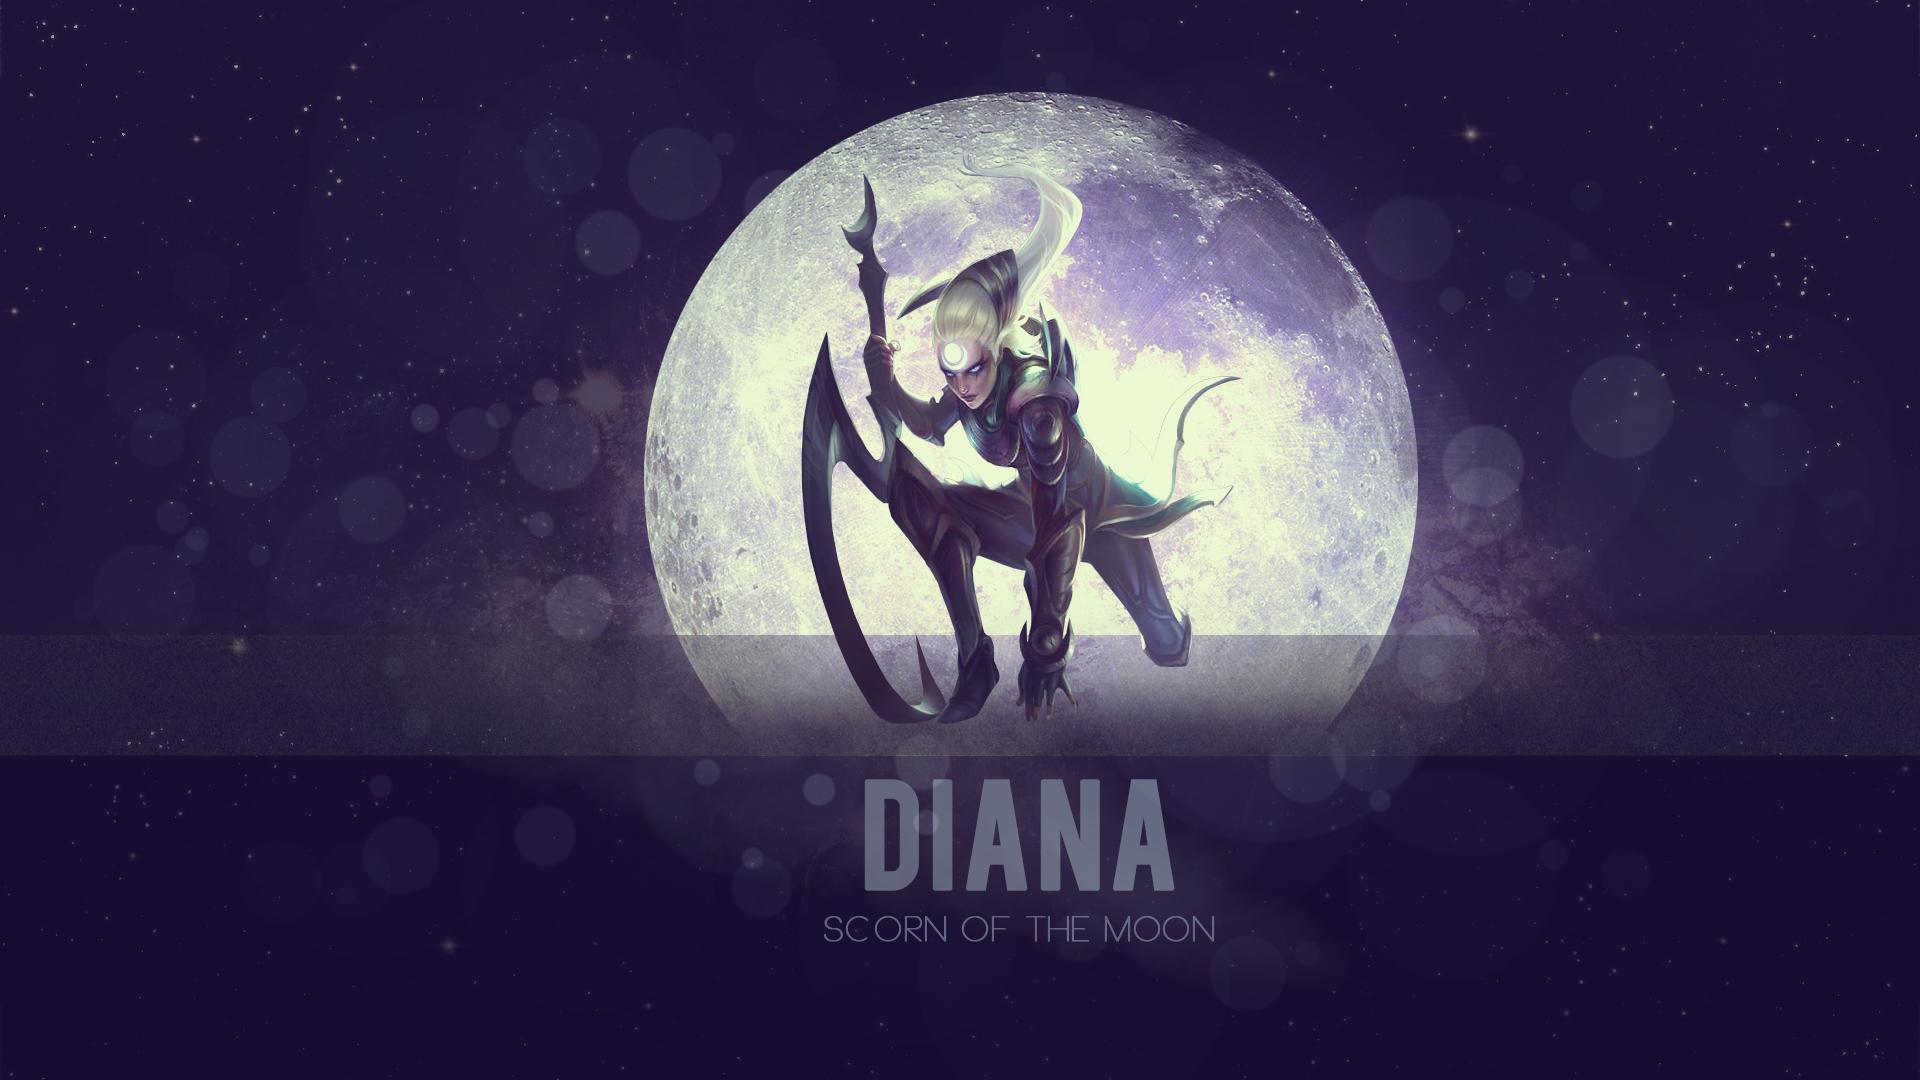 Diana Wallpaper Full Hd By Somebenny On Deviantart